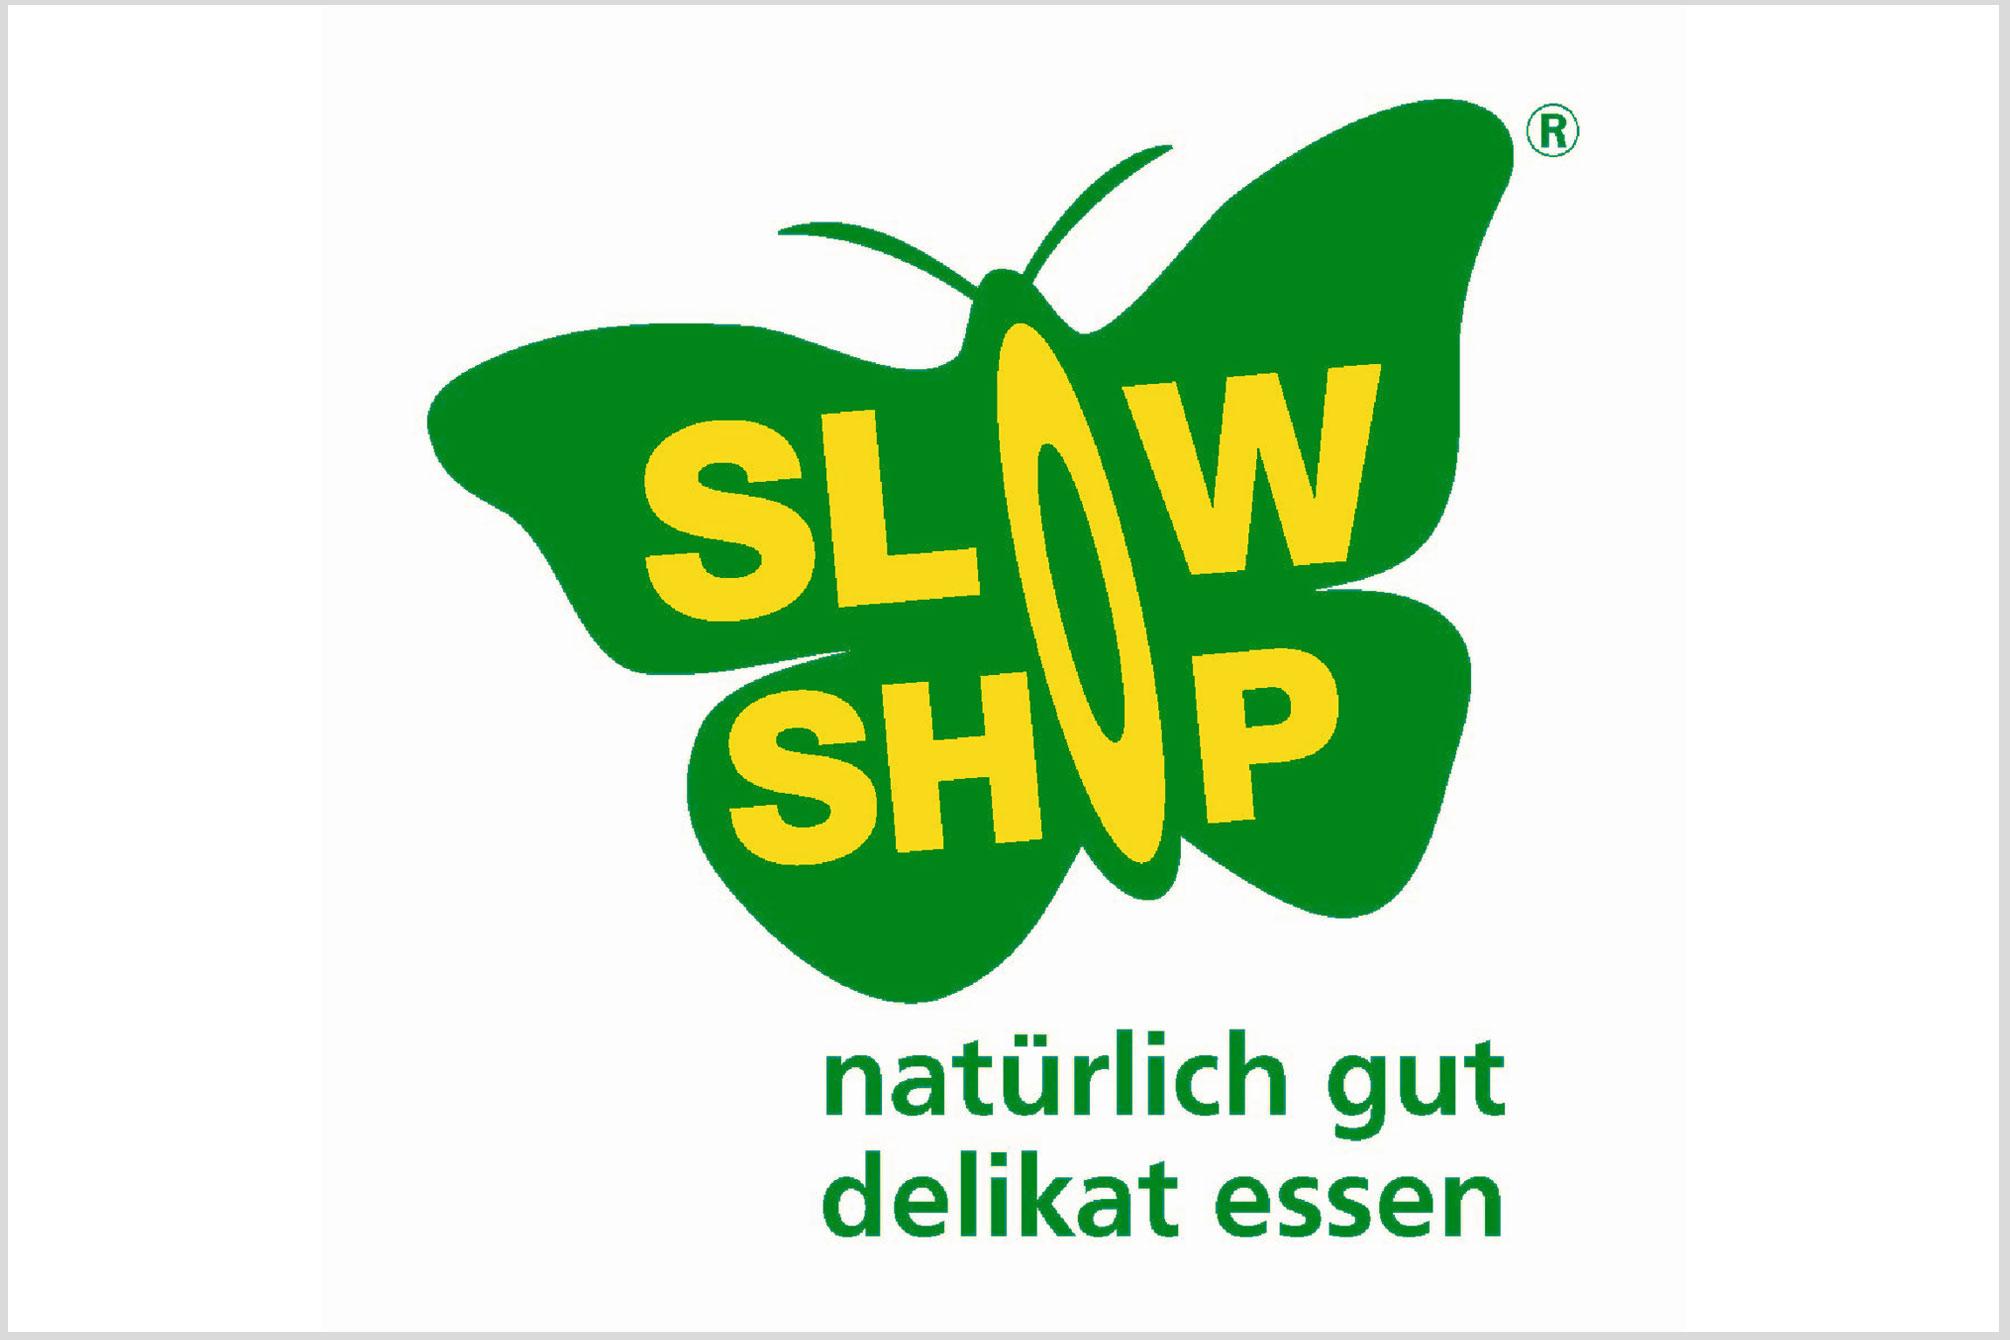 SlowShop natürlich gut delikat essen | Ladenjubiläum